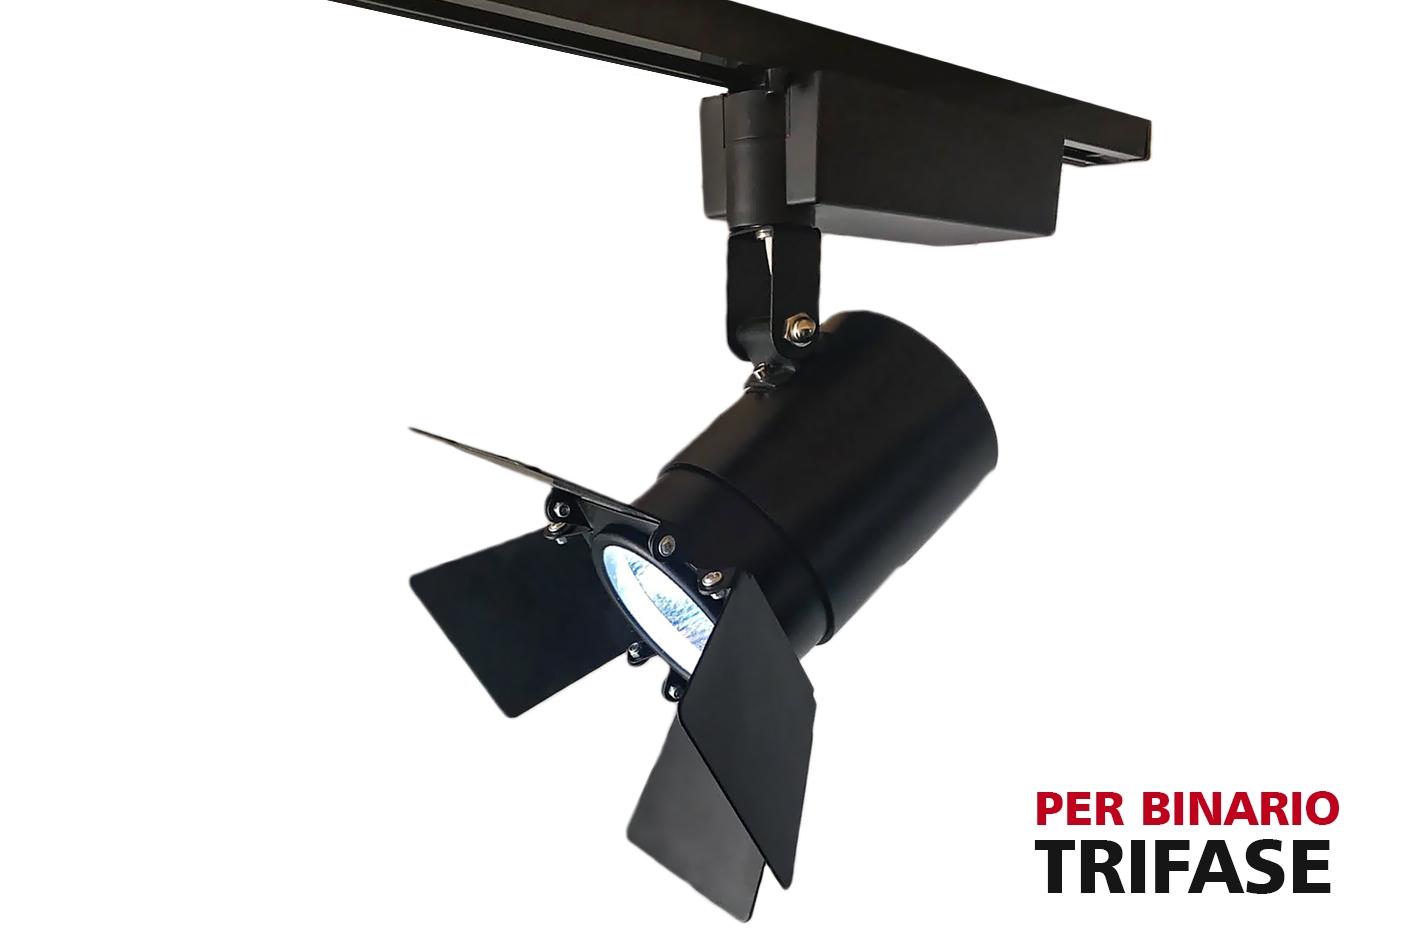 Faro Lampada Led A Binario Trifase 30W Bianco Neutro Carcassa Nera Angolo Stretto 24 Gradi Con Riflettore Regolabile - PZ